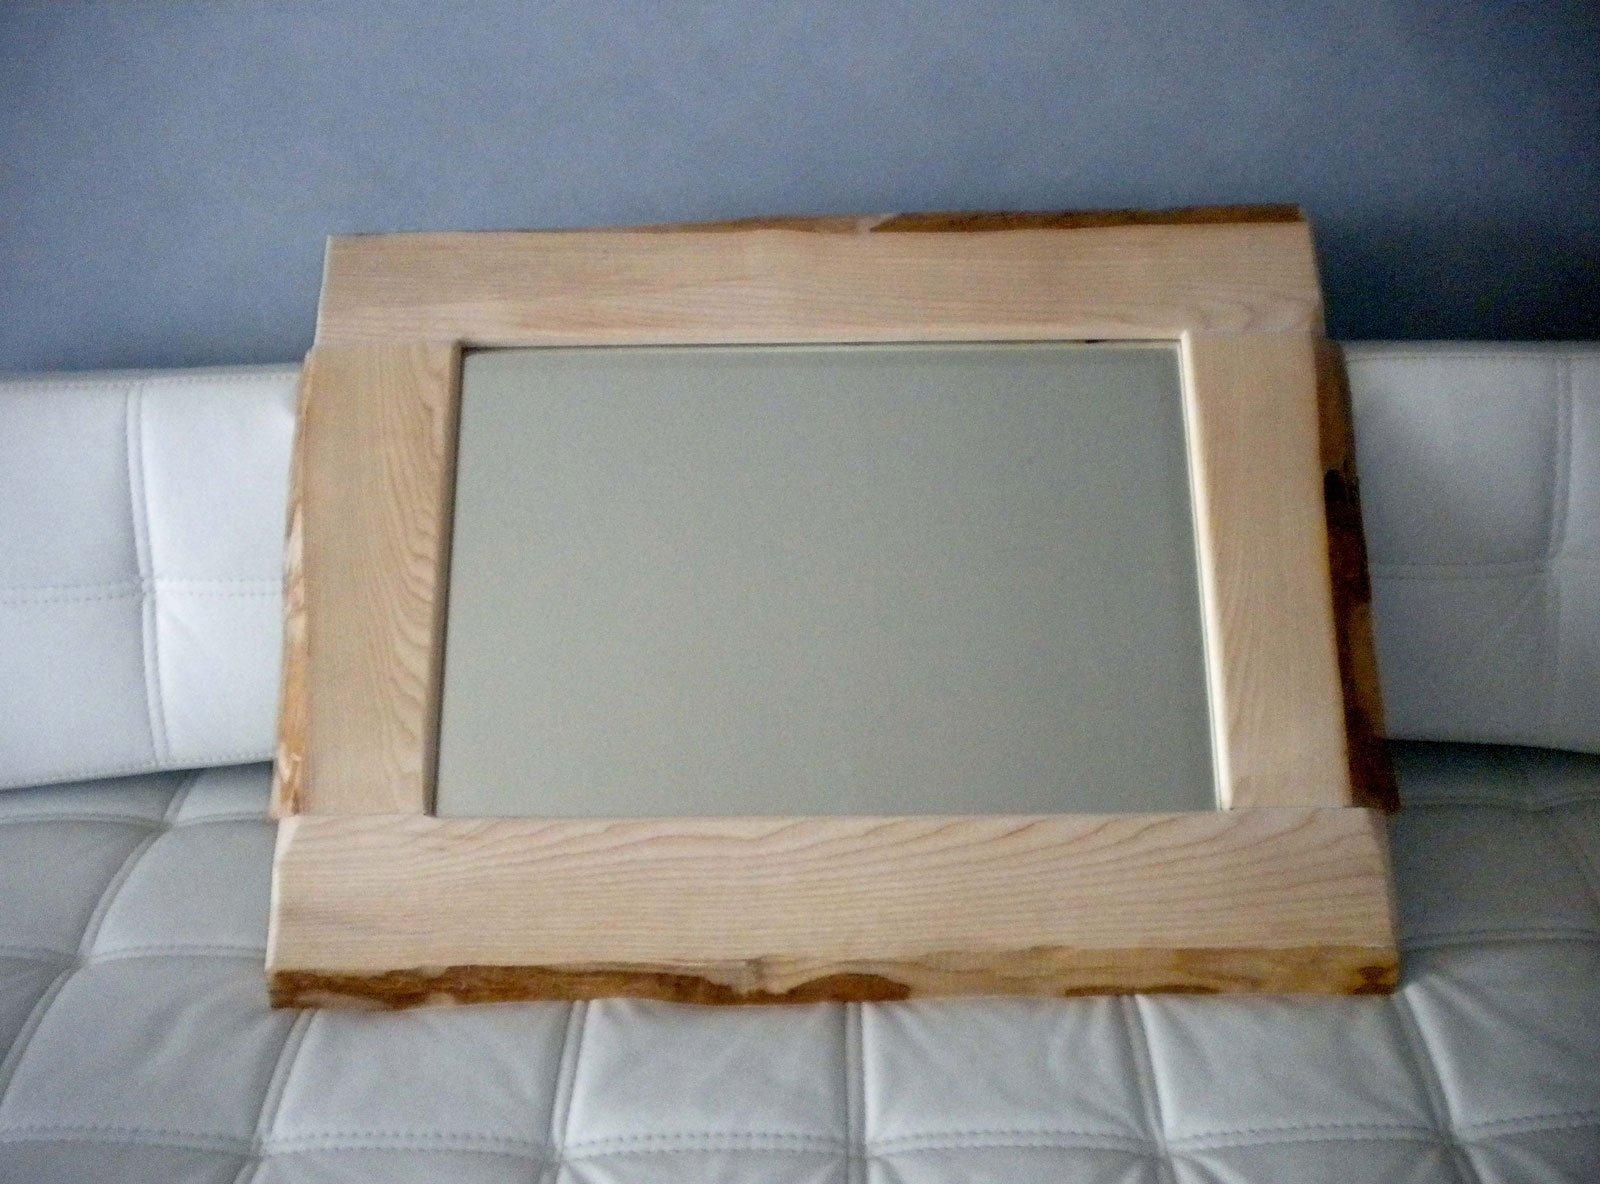 Specchio fai da te con legno e corteccia naturale   cose di casa